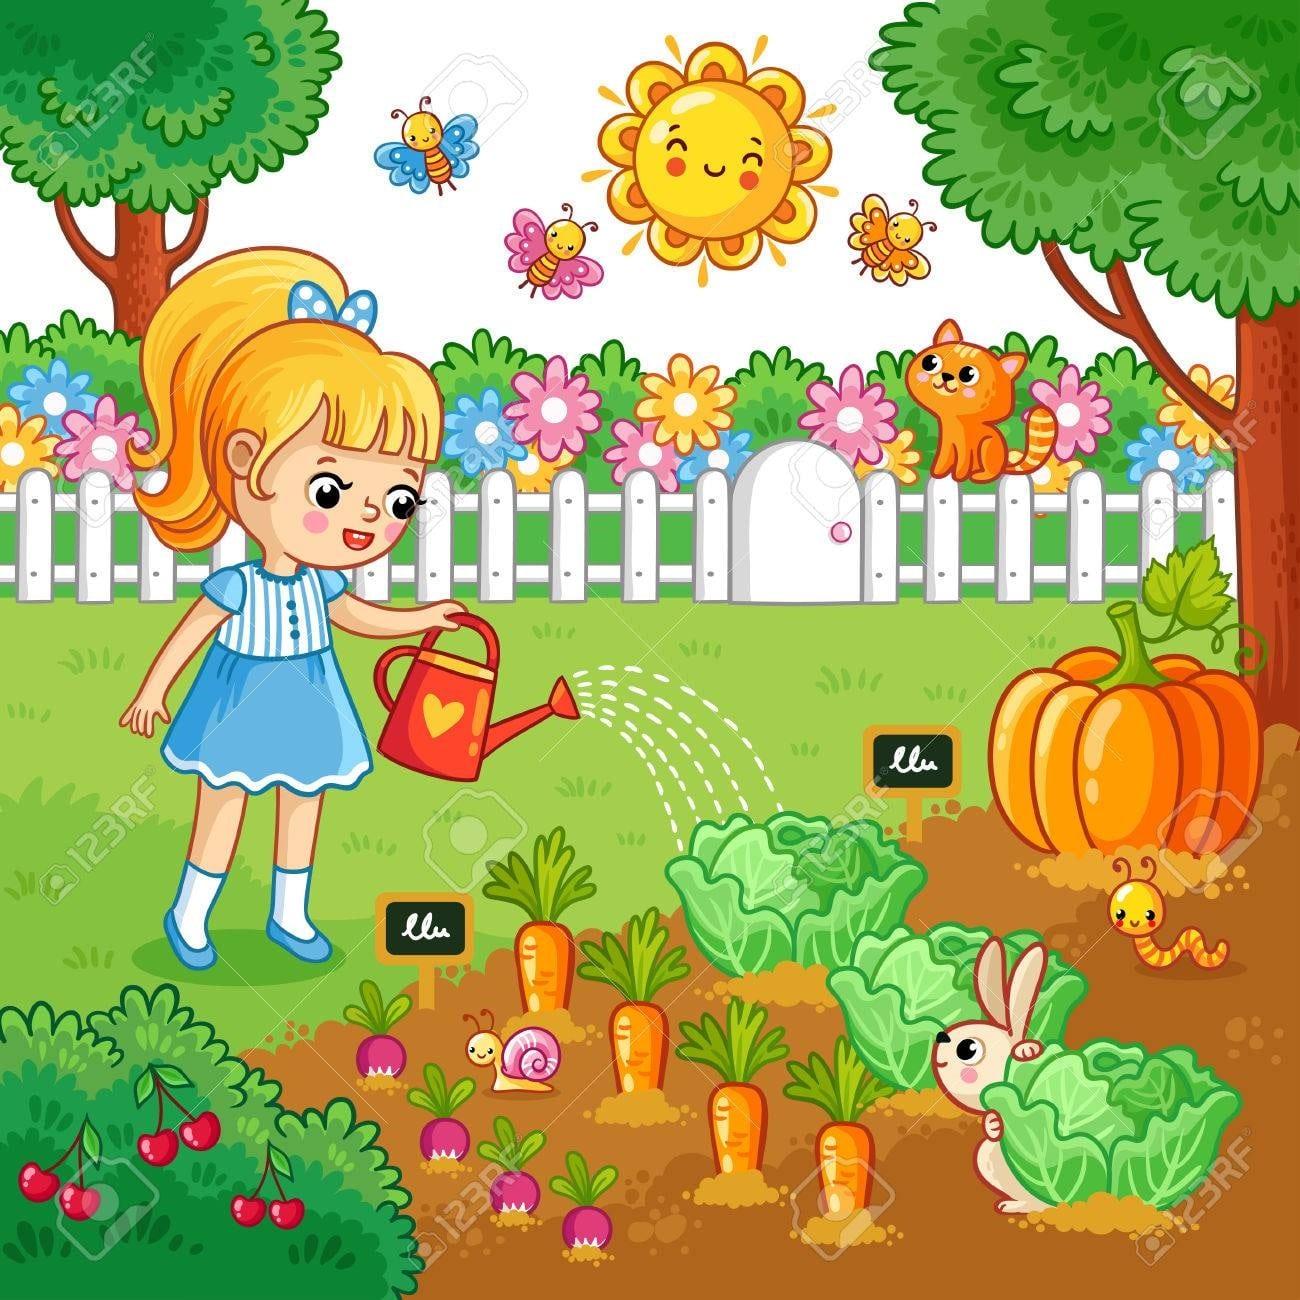 картинка дети помогают в огороде поливают грядки